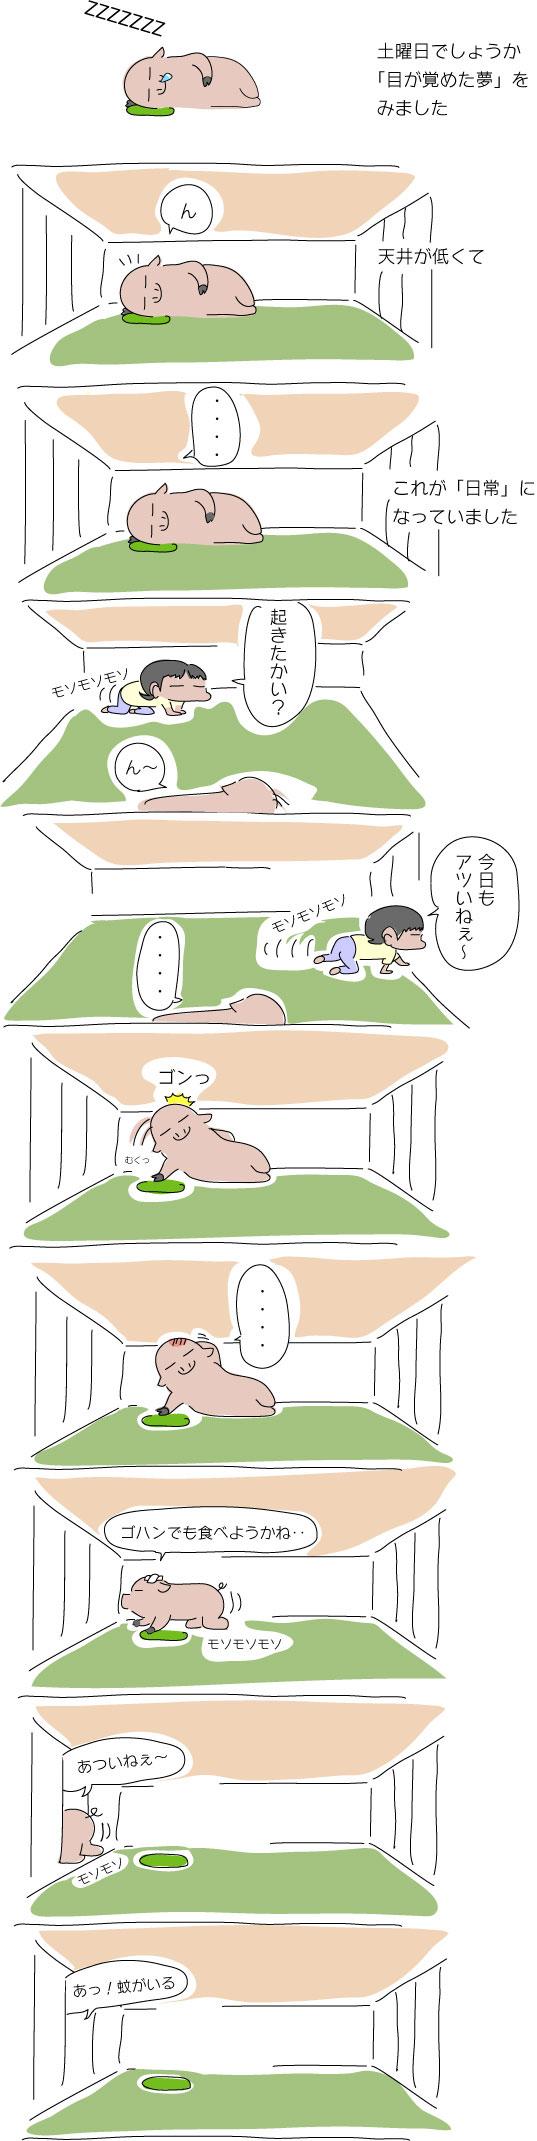 低い天井の夢